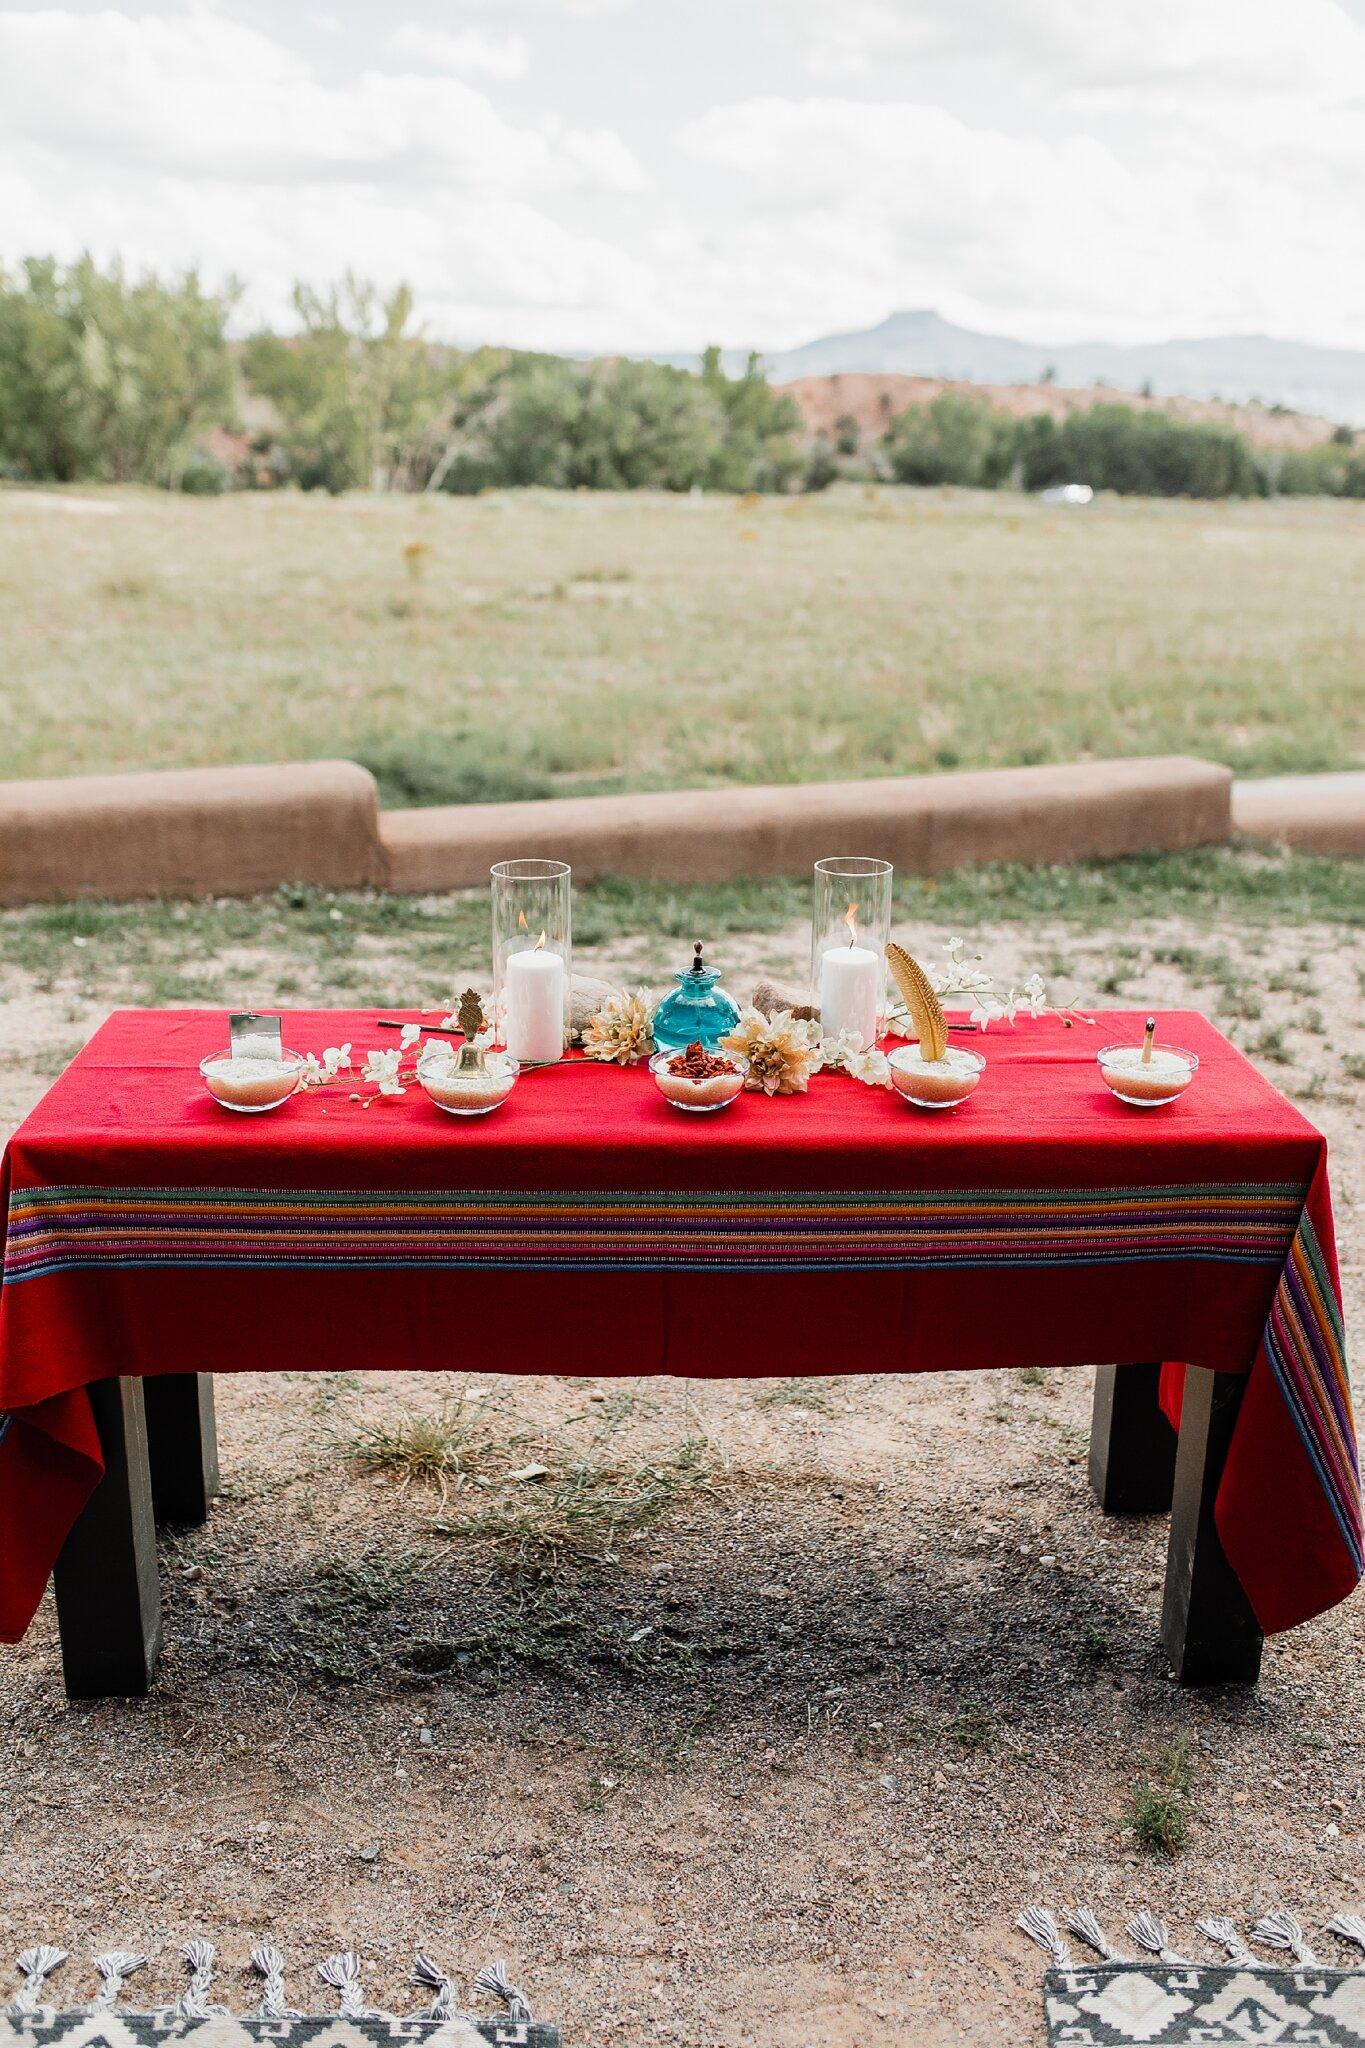 Alicia+lucia+photography+-+albuquerque+wedding+photographer+-+santa+fe+wedding+photography+-+new+mexico+wedding+photographer+-+new+mexico+wedding+-+wedding+-+santa+fe+wedding+-+ghost+ranch+-+ghost+ranch+wedding+-+fall+wedding_0025.jpg